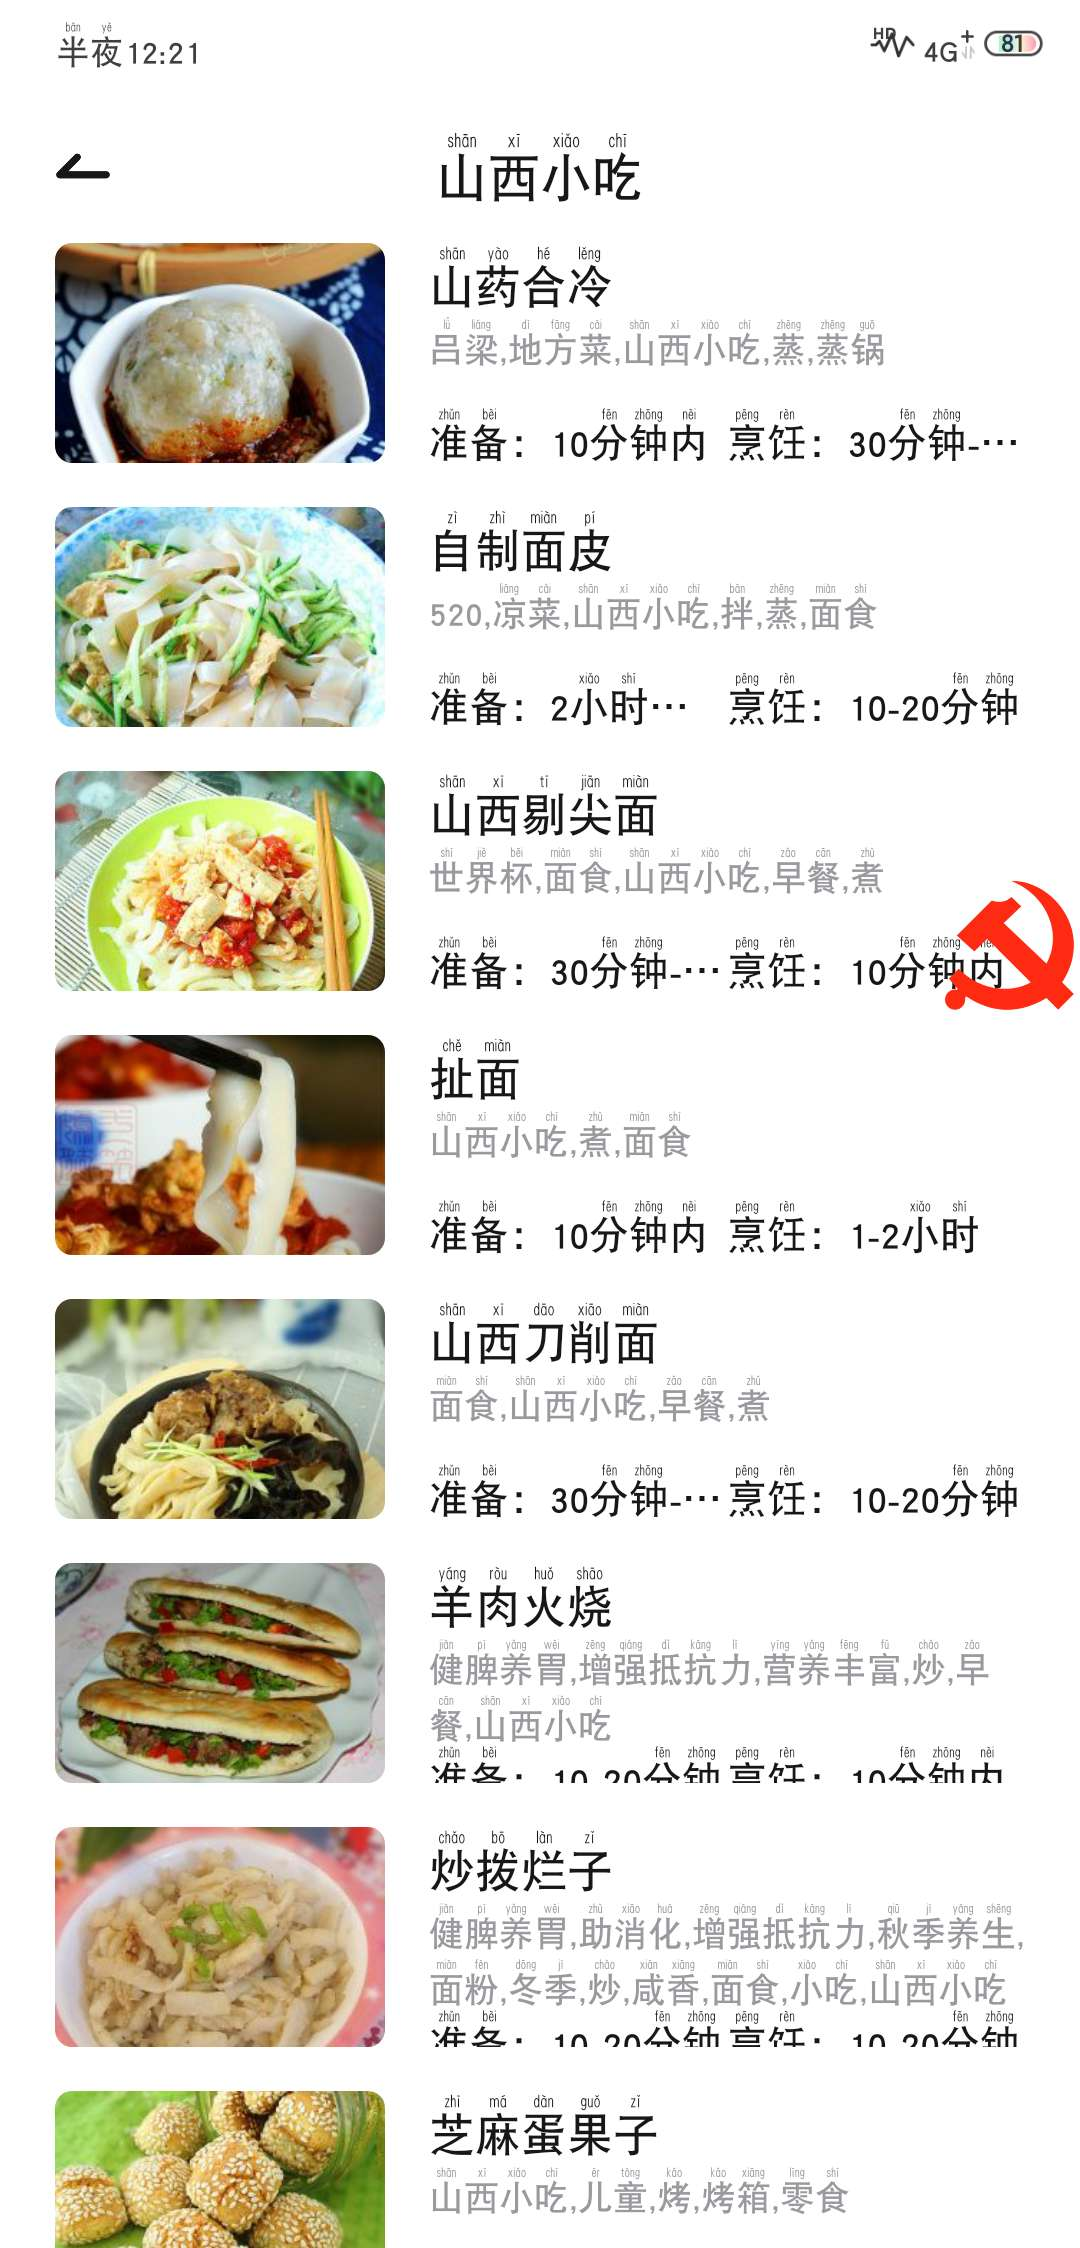 【分享】就是菜谱3.0.4分类齐全,包含全国各地菜谱、各种口味、-爱小助